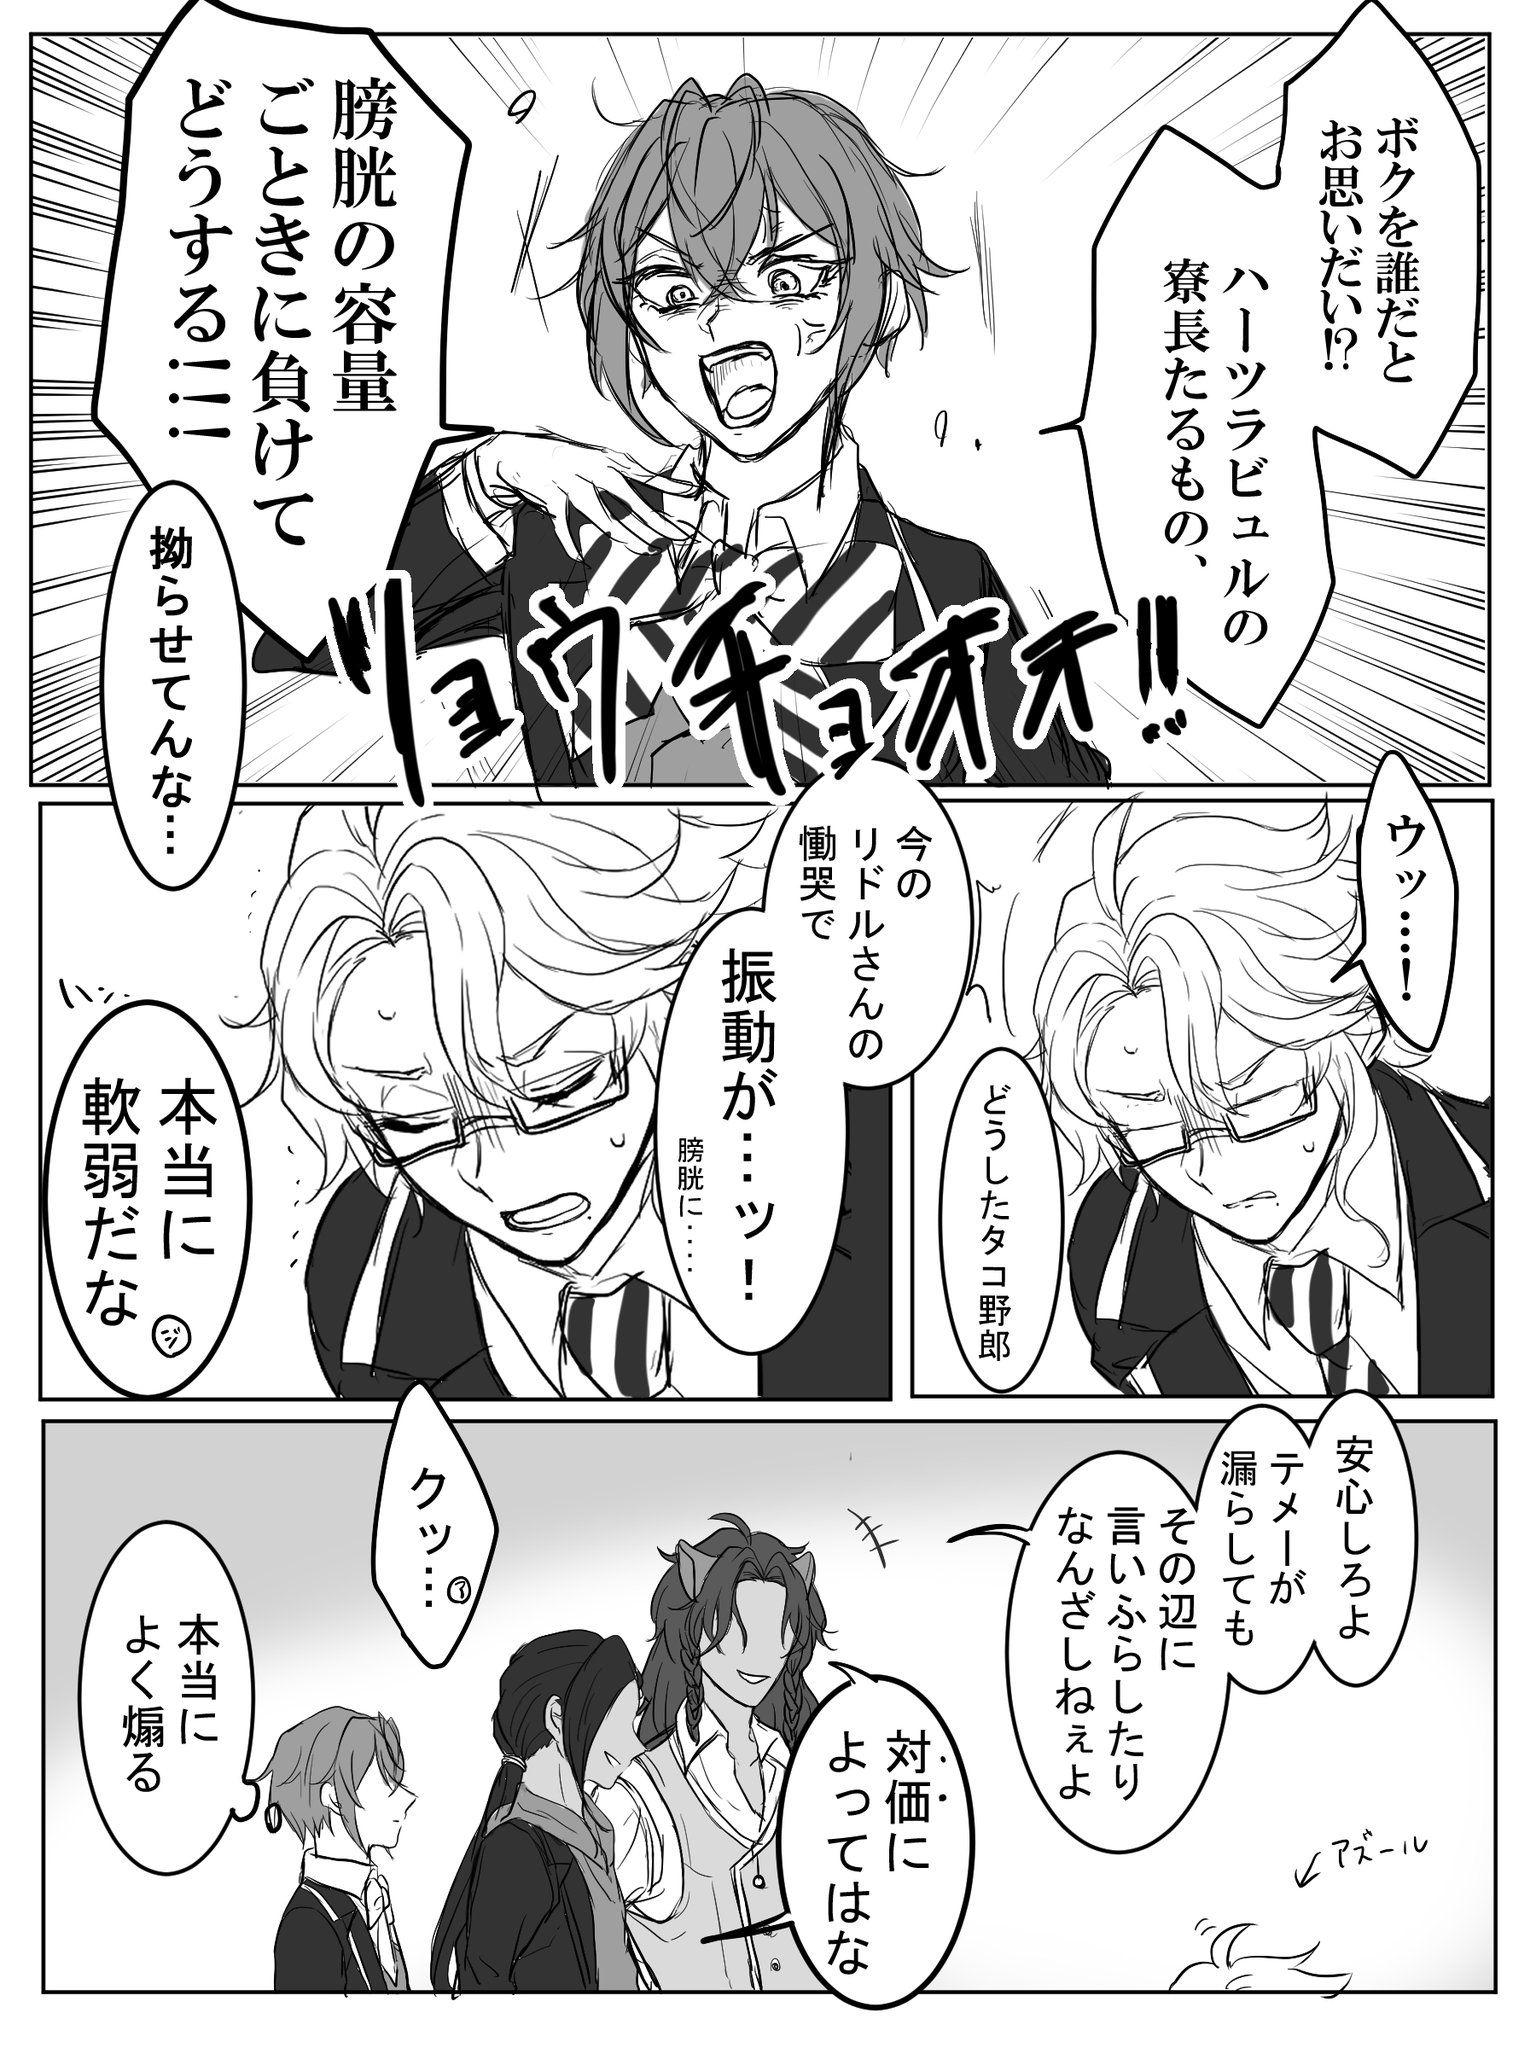 期末課題に追われる鮎 on twitter anime manga comics